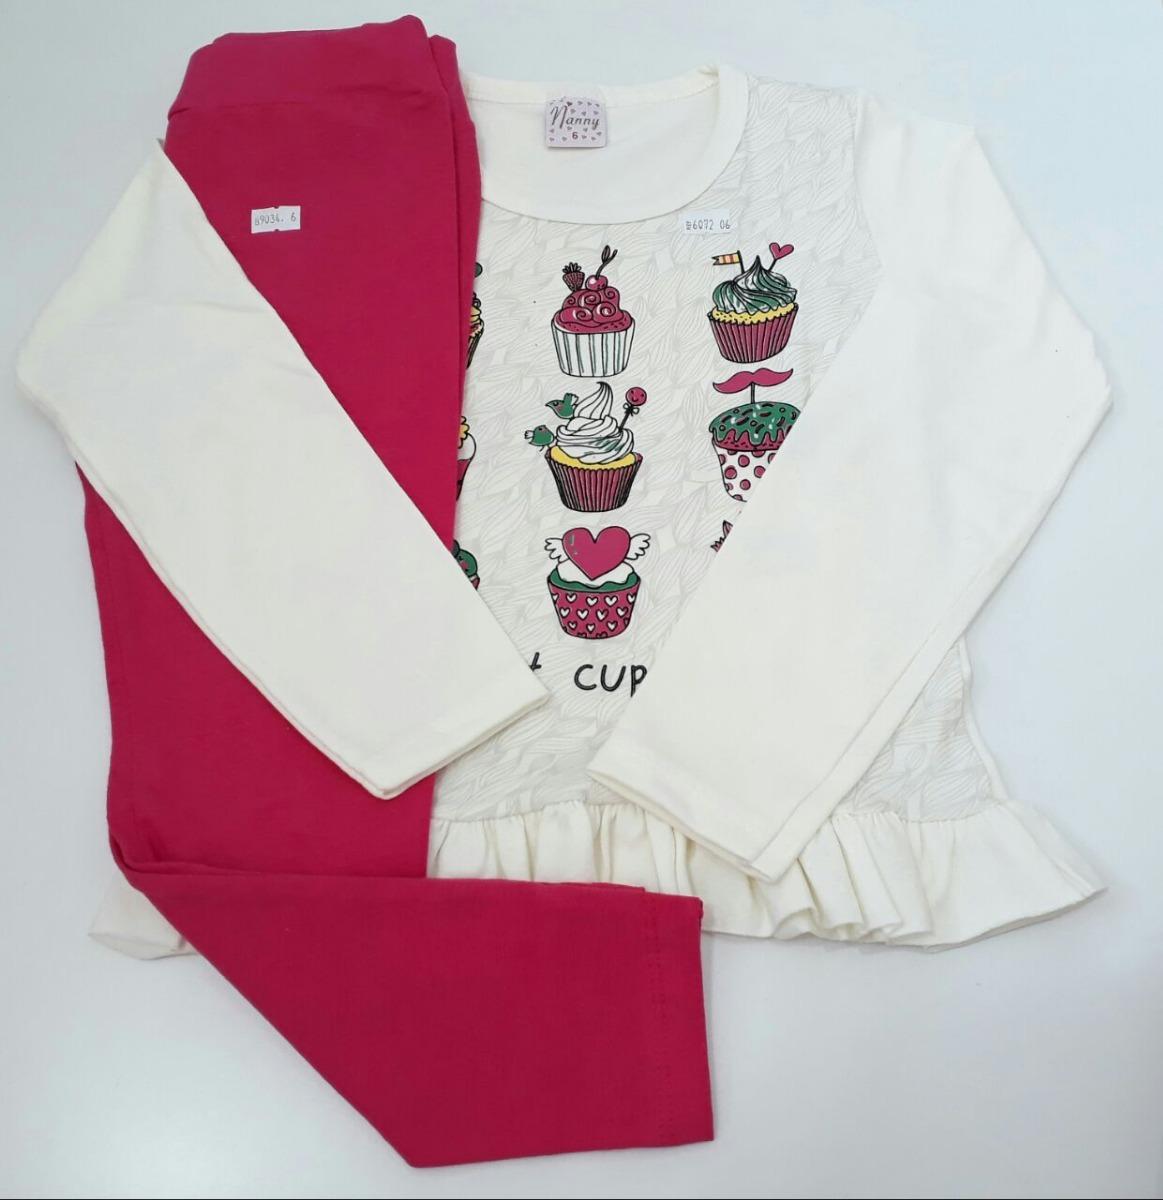 kit 3 conjuntos feminino infantil calça e blusa compre já. Carregando zoom. 16293c15277e2